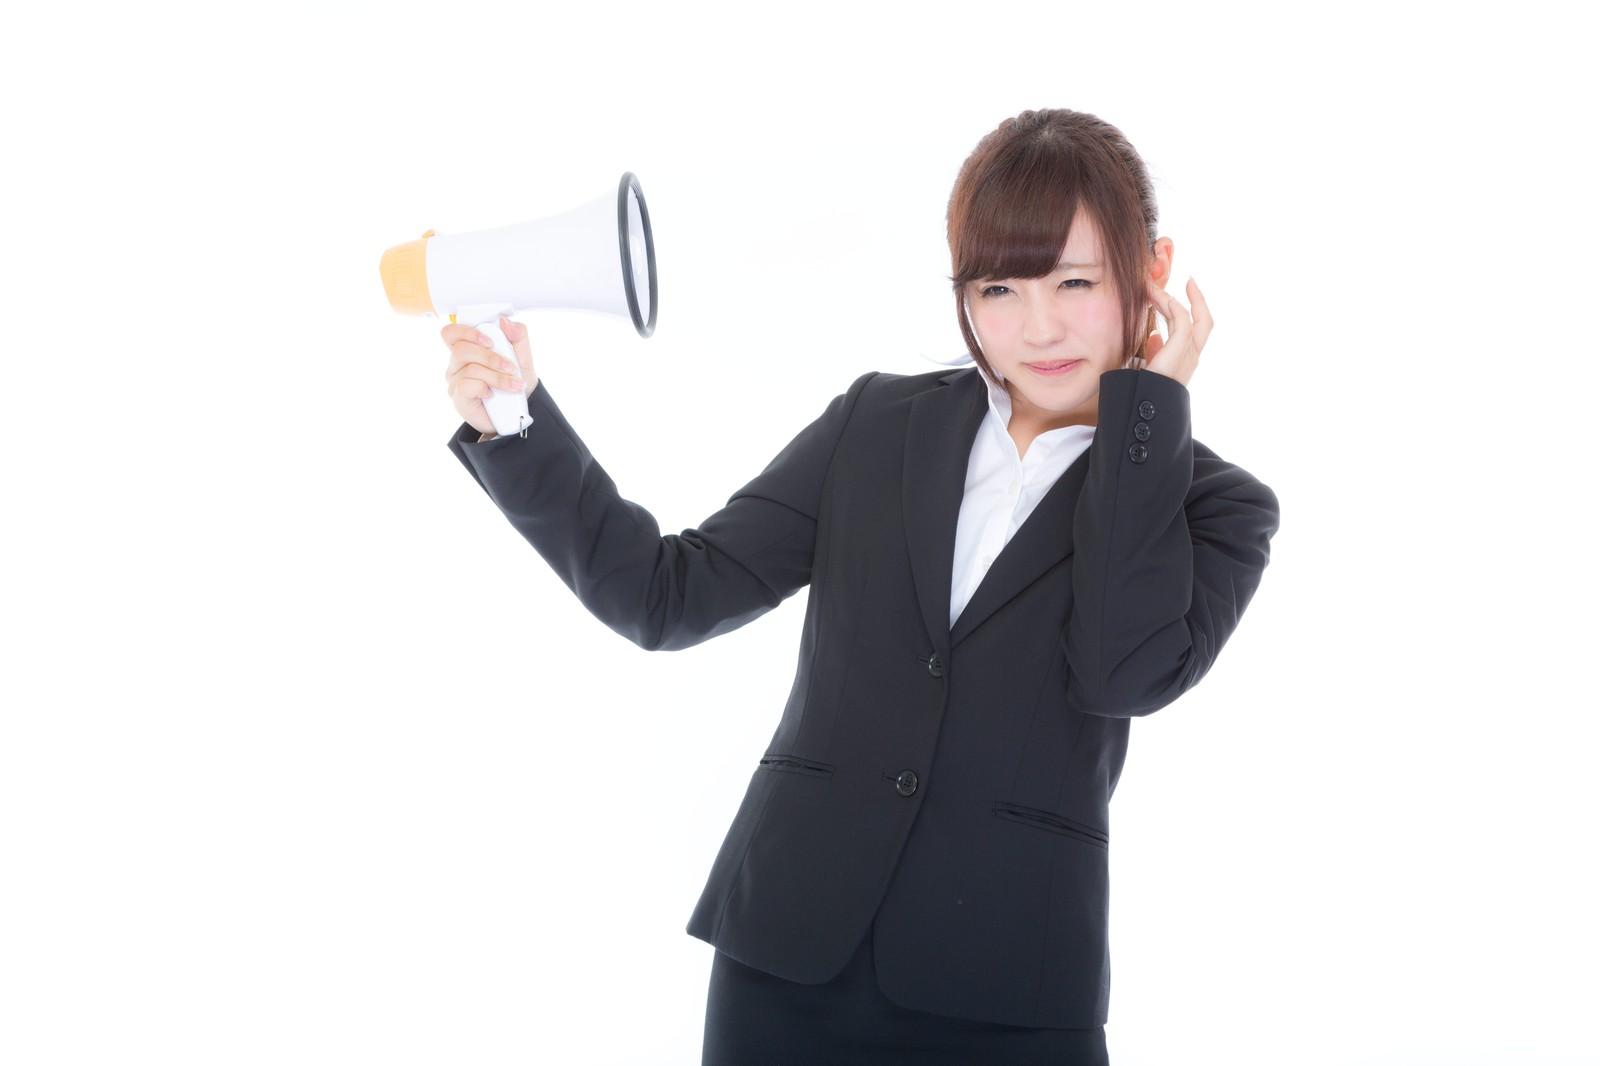 1分で出来る!耳栓で睡眠の質が驚くほど向上!おすすめ耳栓も紹介!